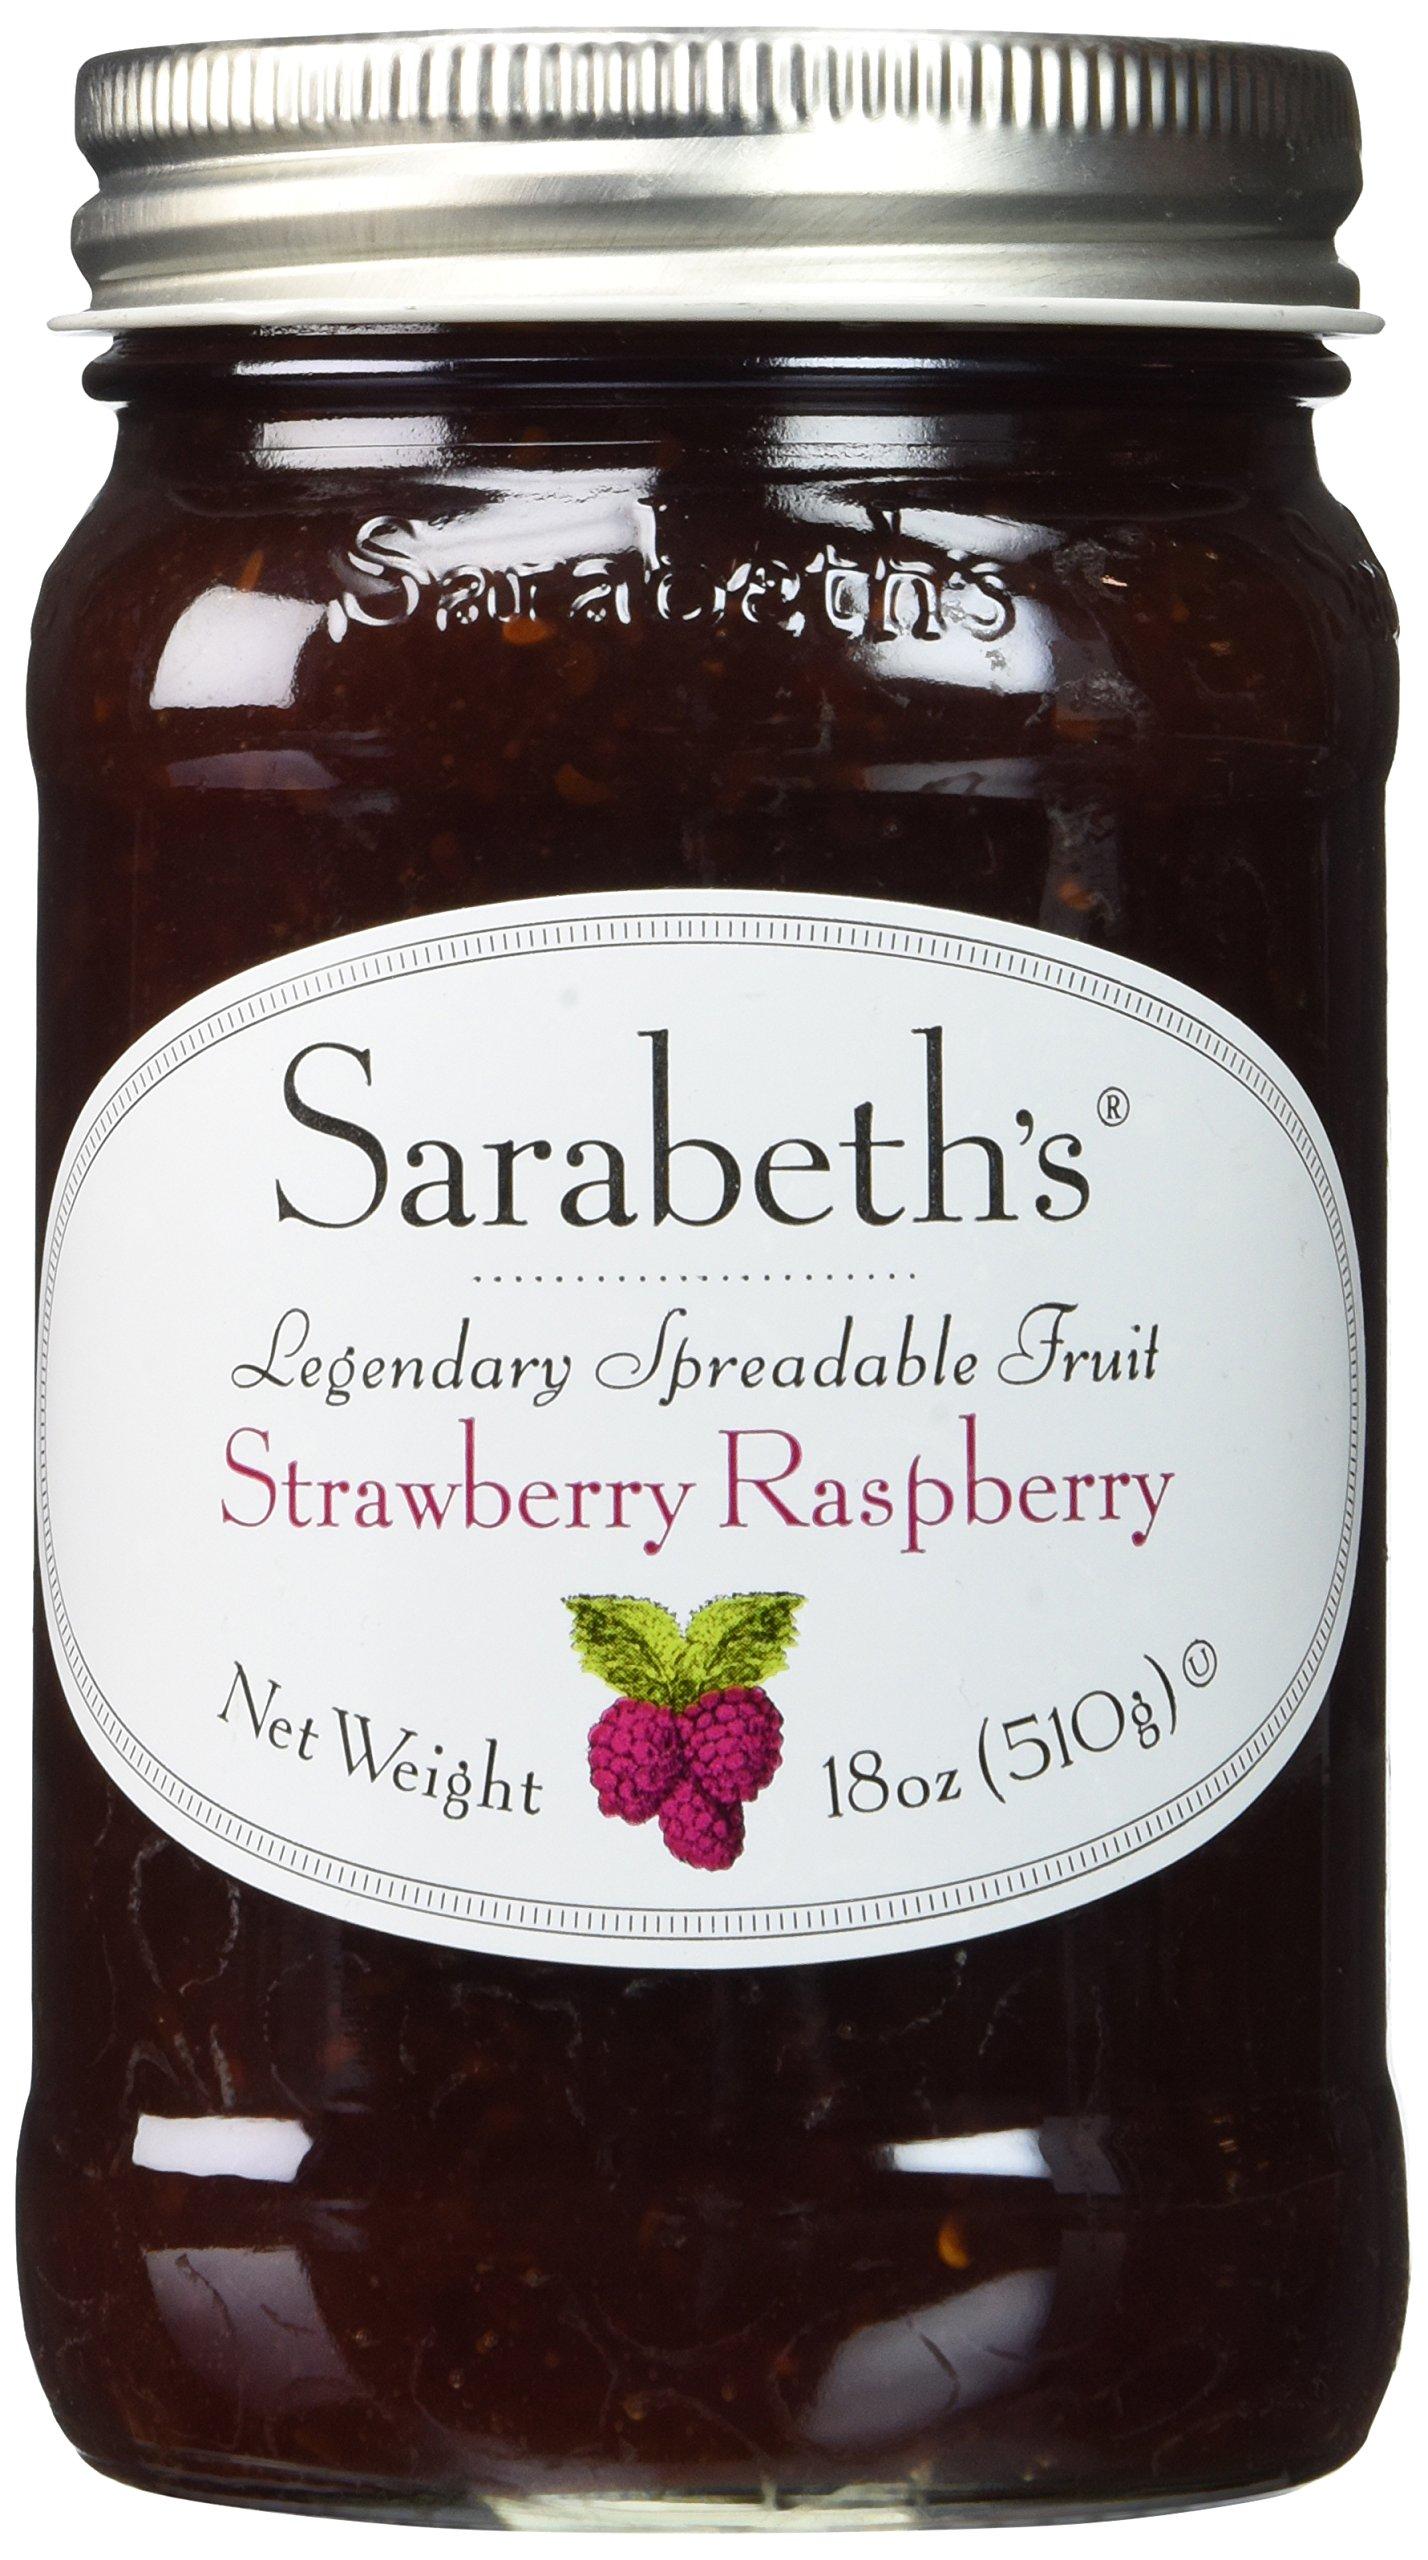 Sarabeth's Strawberry Raspberry Fruit Spread, 18 oz